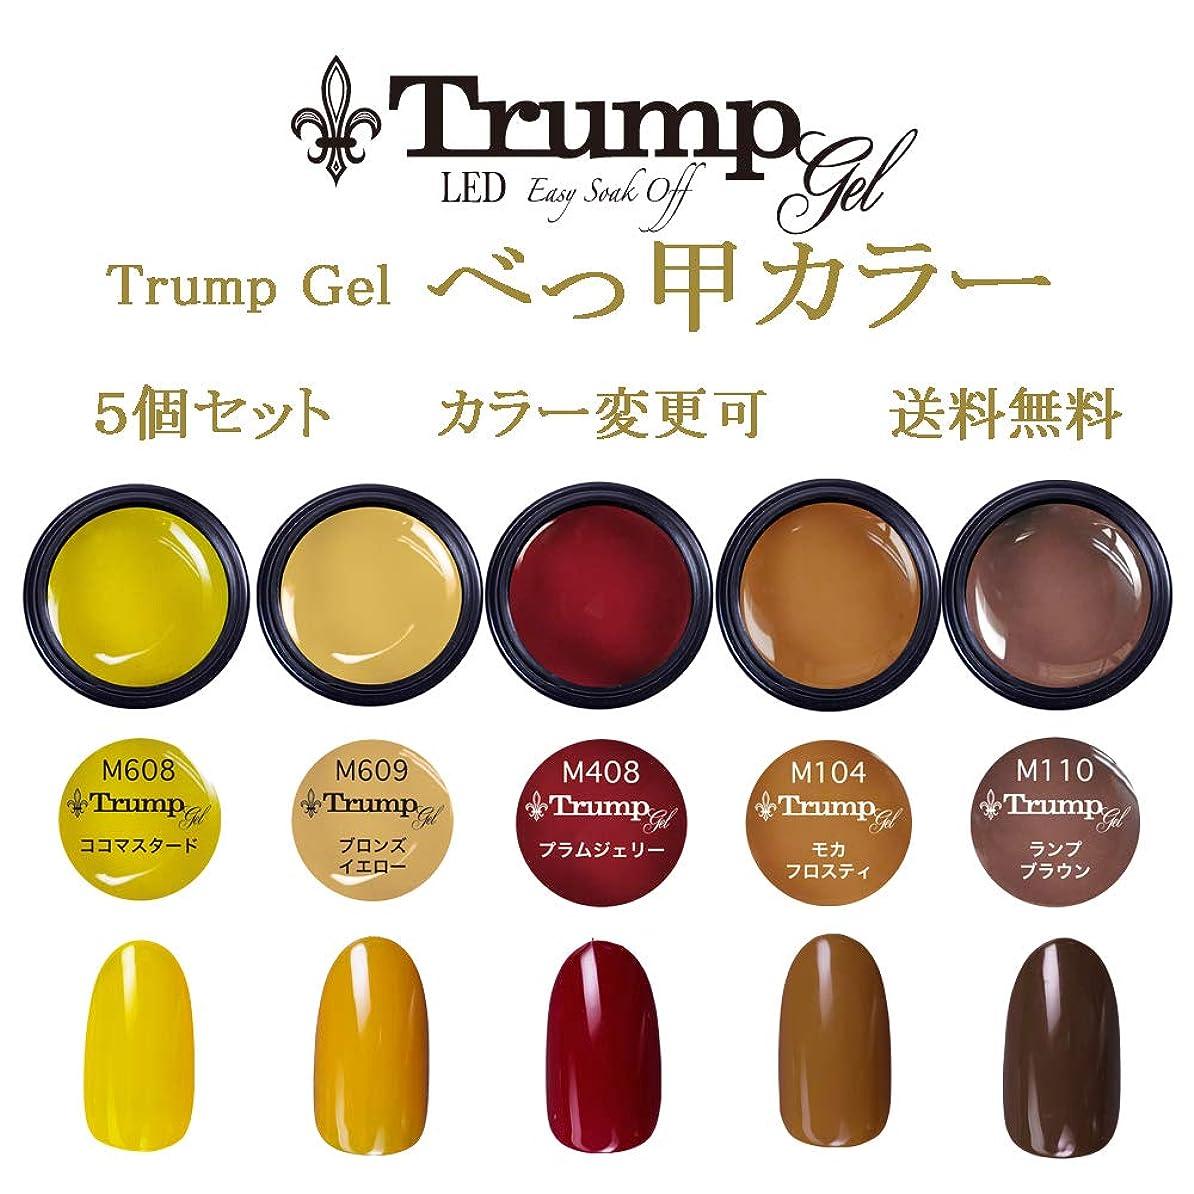 集団制限する黙認する日本製 Trump gel トランプジェル べっ甲 ネイルカラー 選べる カラージェル 5個セット イエロー ブラウン ワイン べっこう